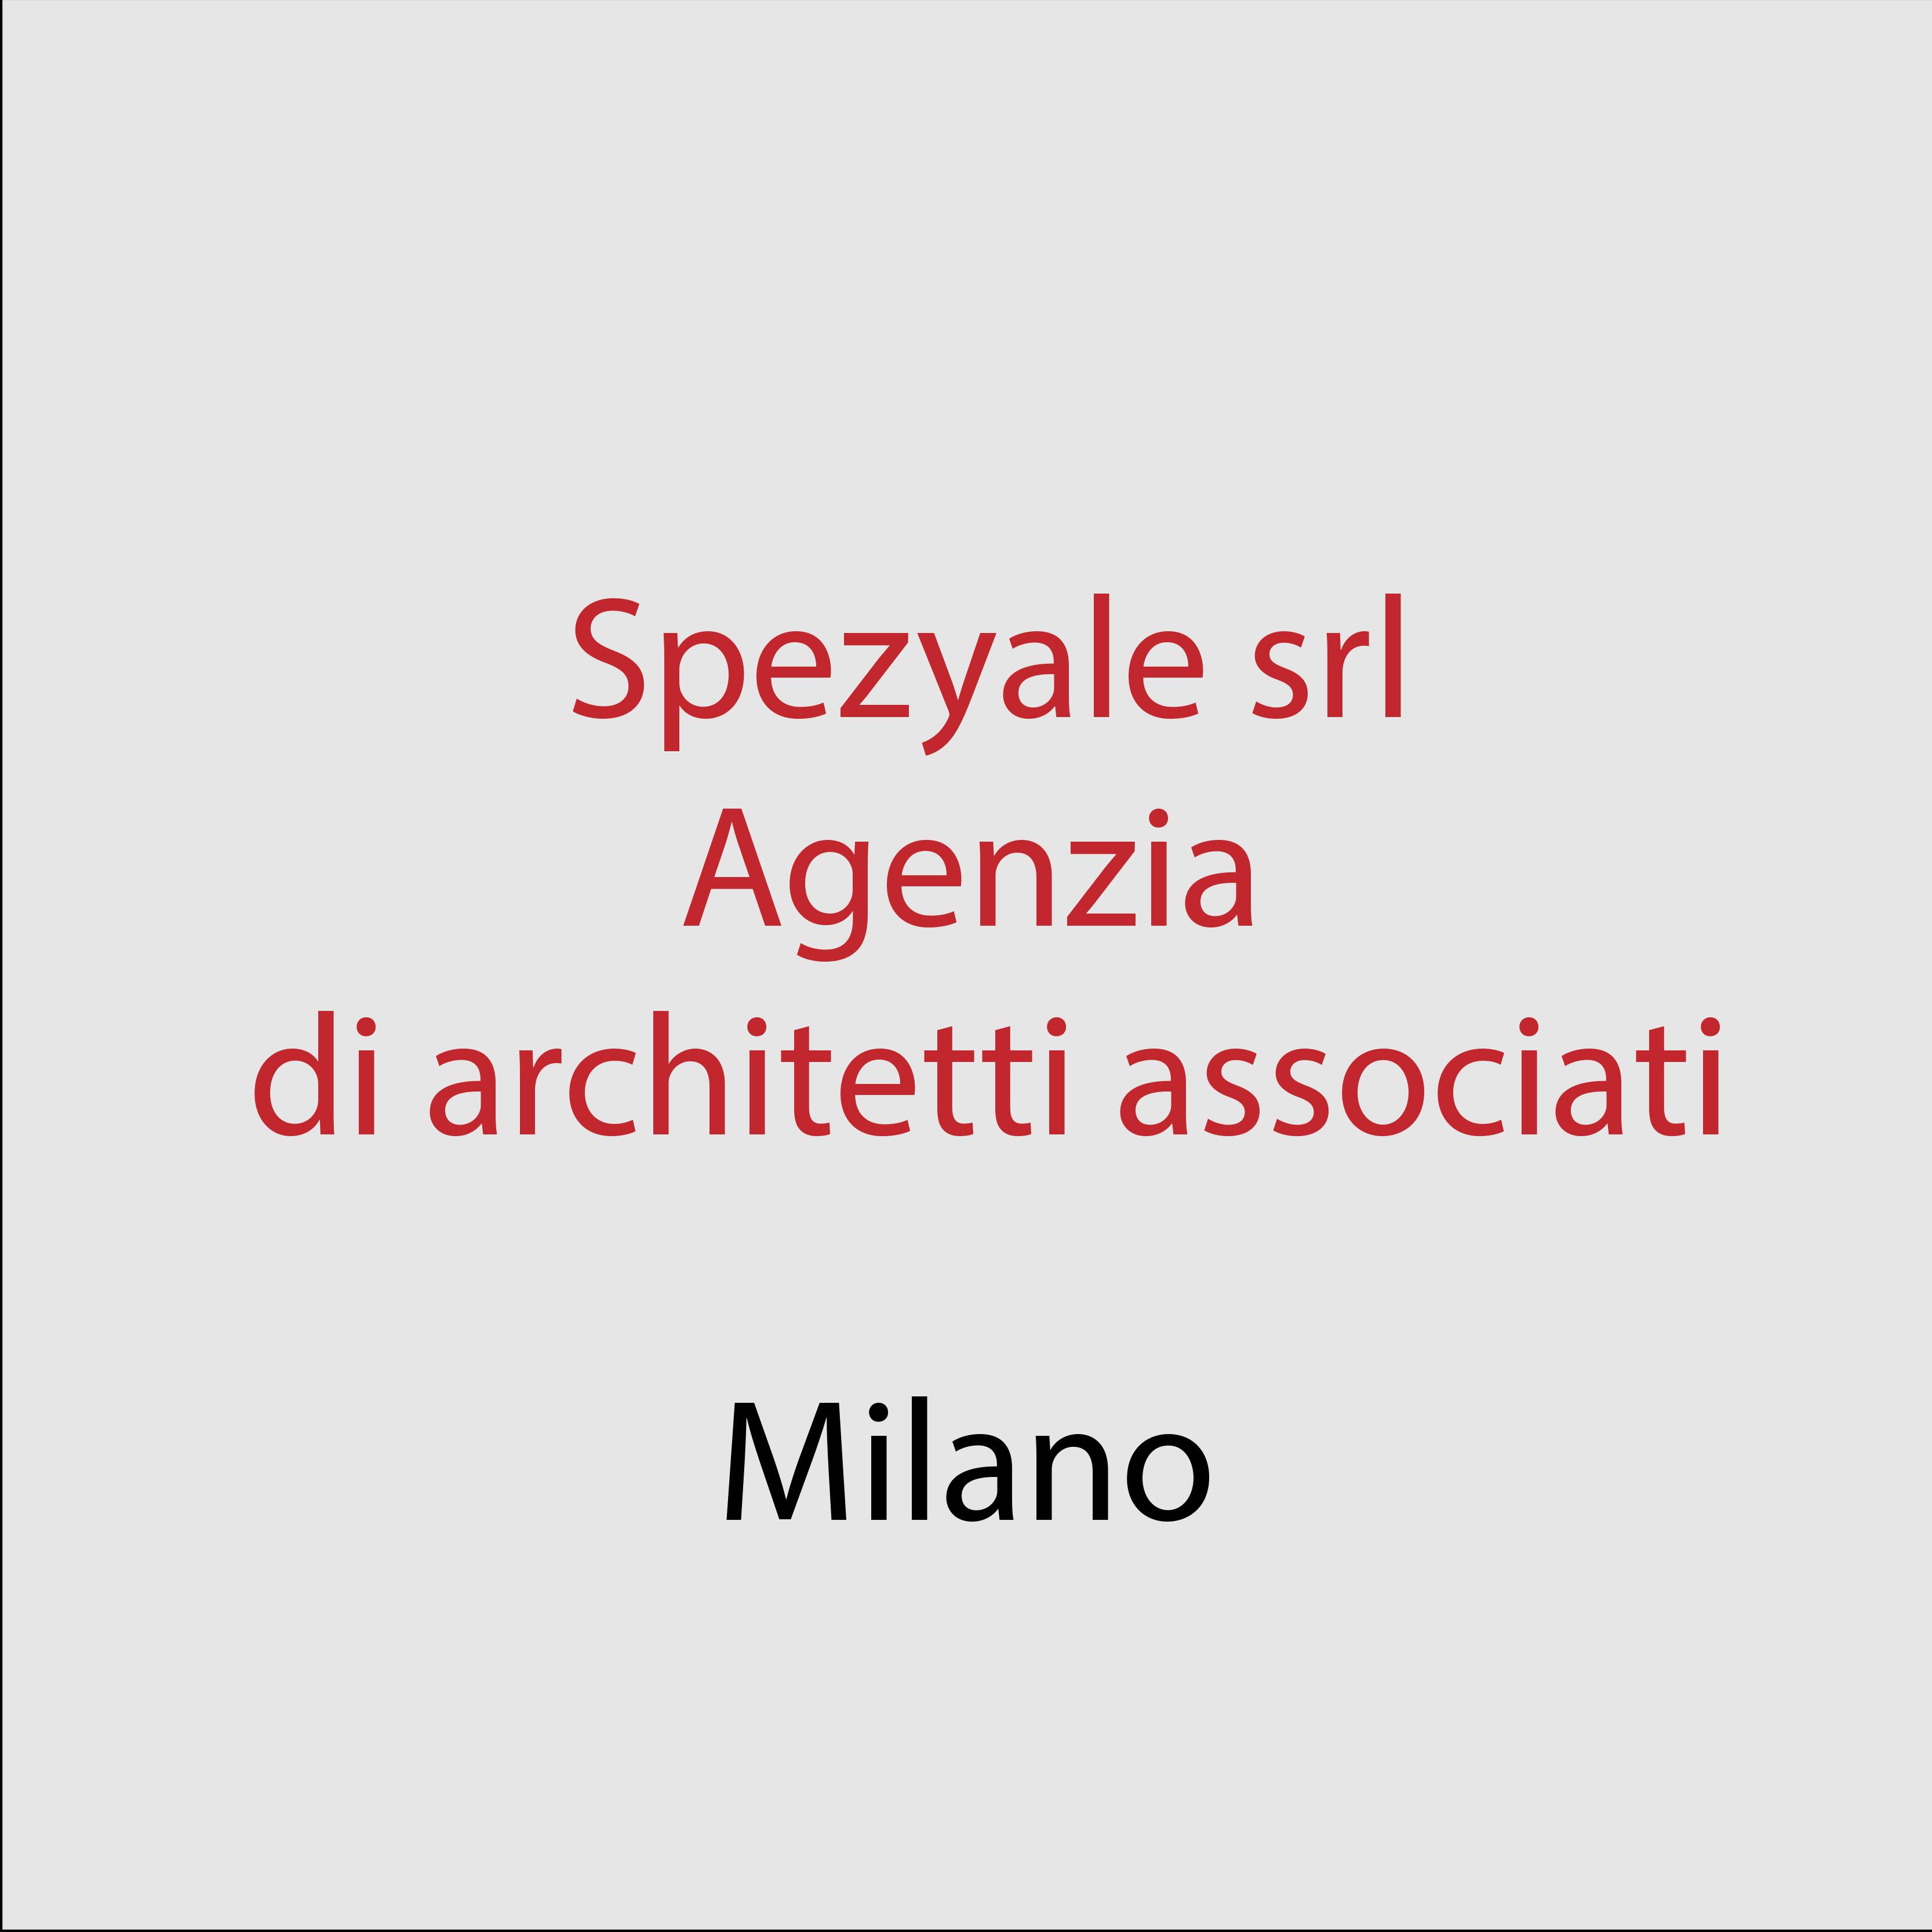 logo-spezyale.jpg